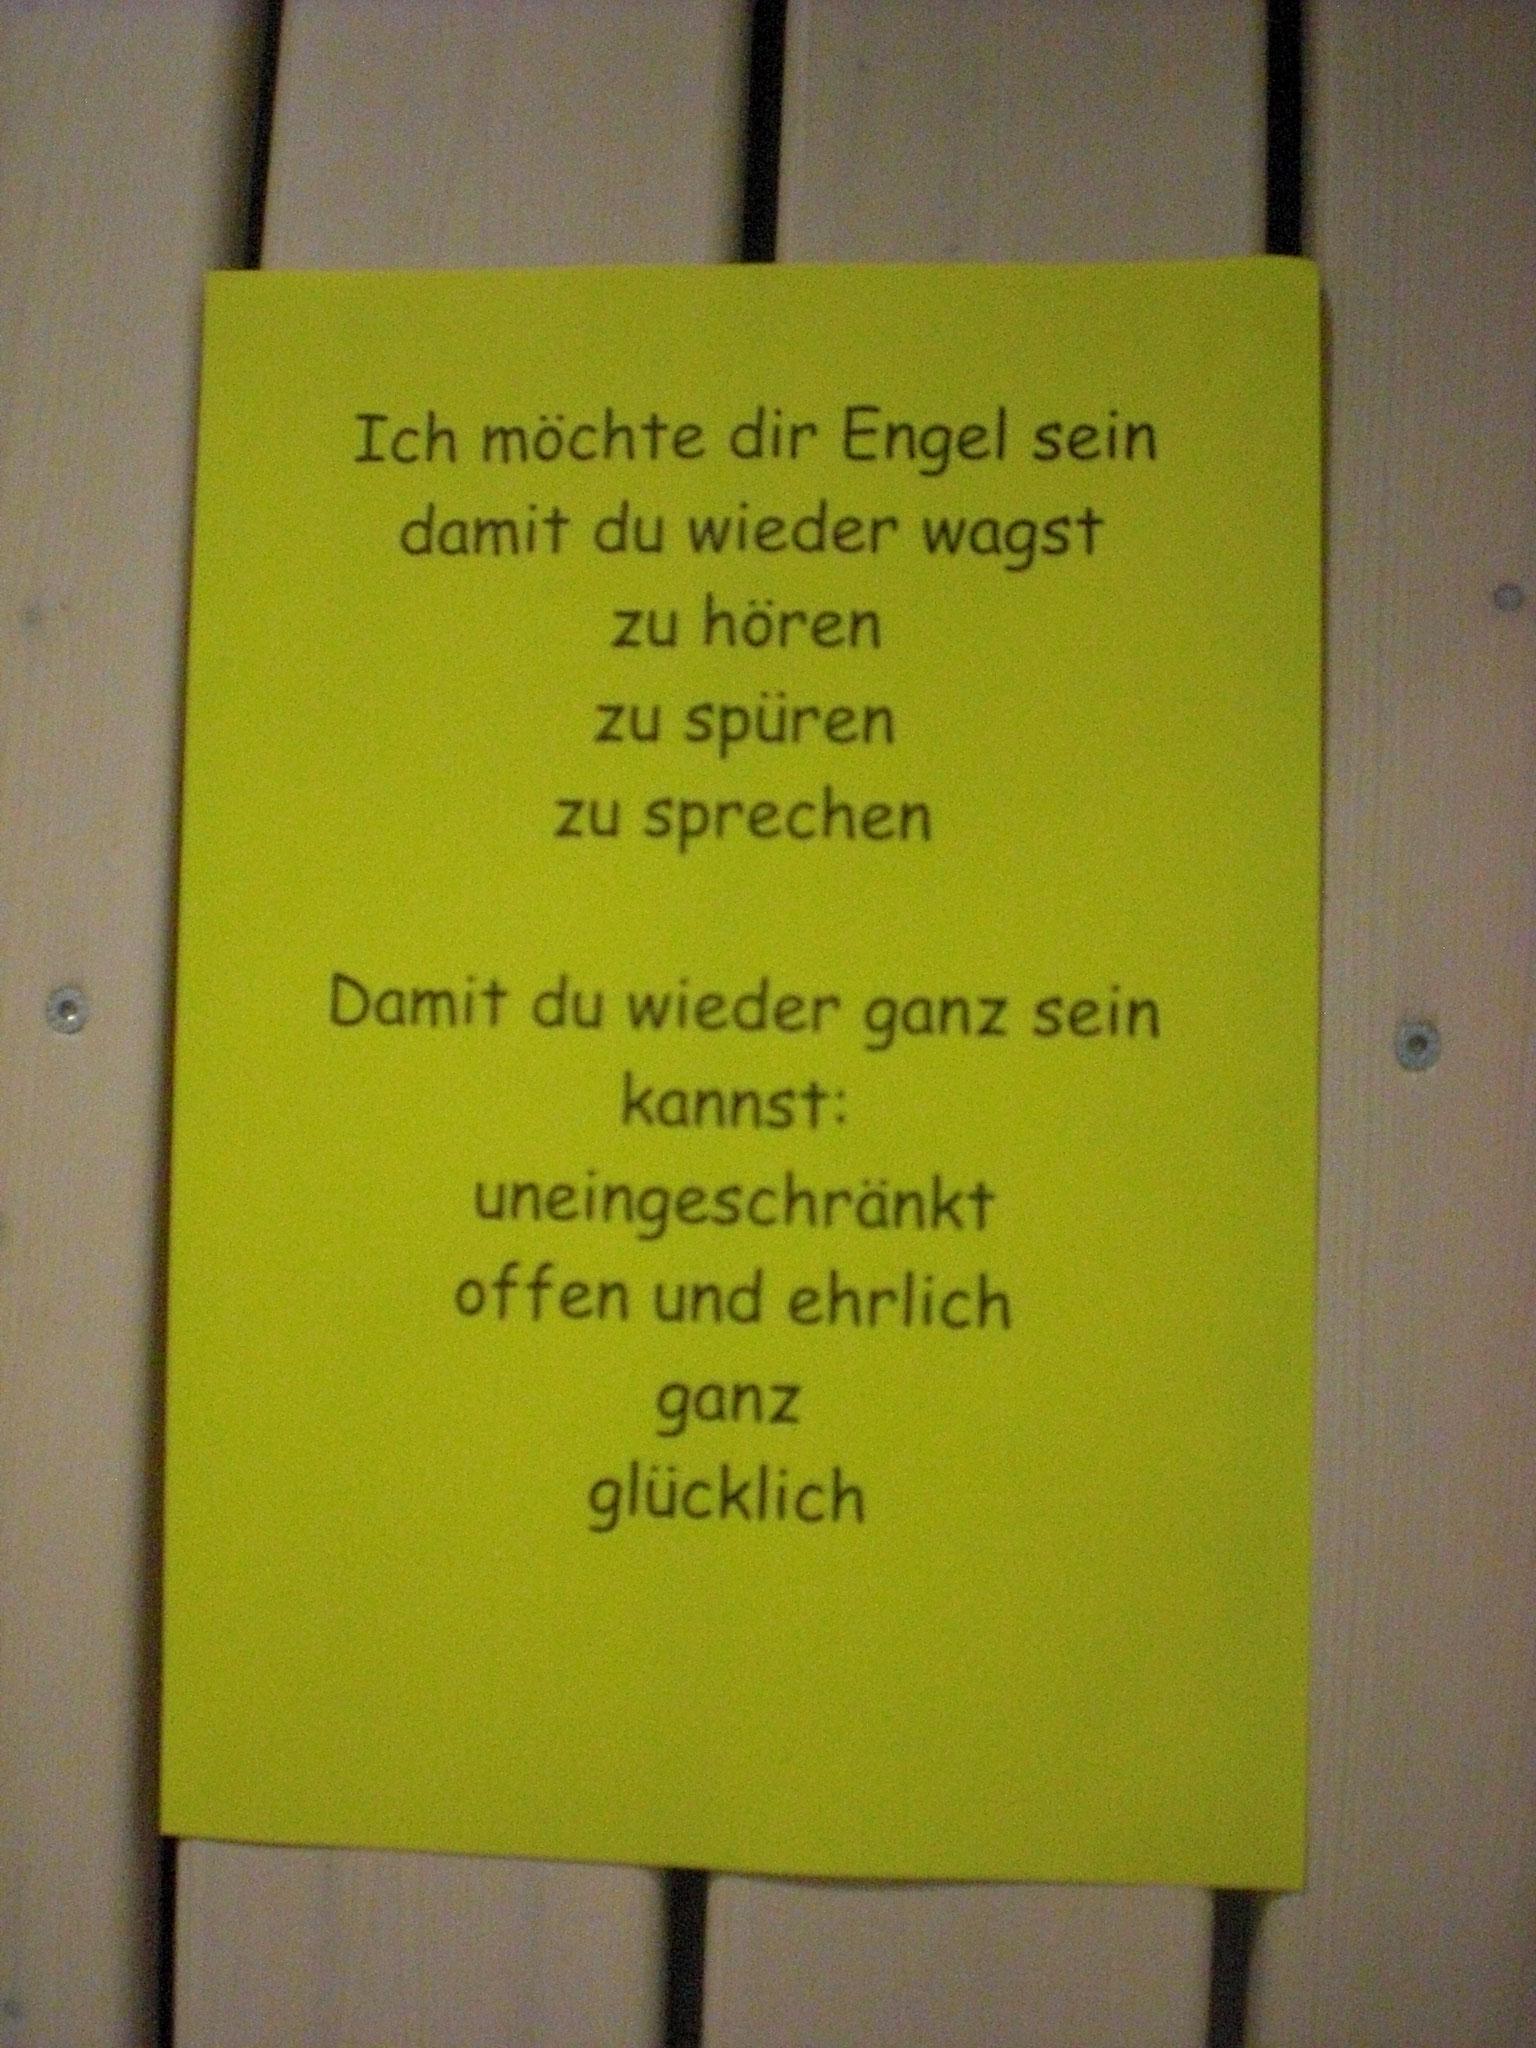 Texte zur Engel-Ausstellung